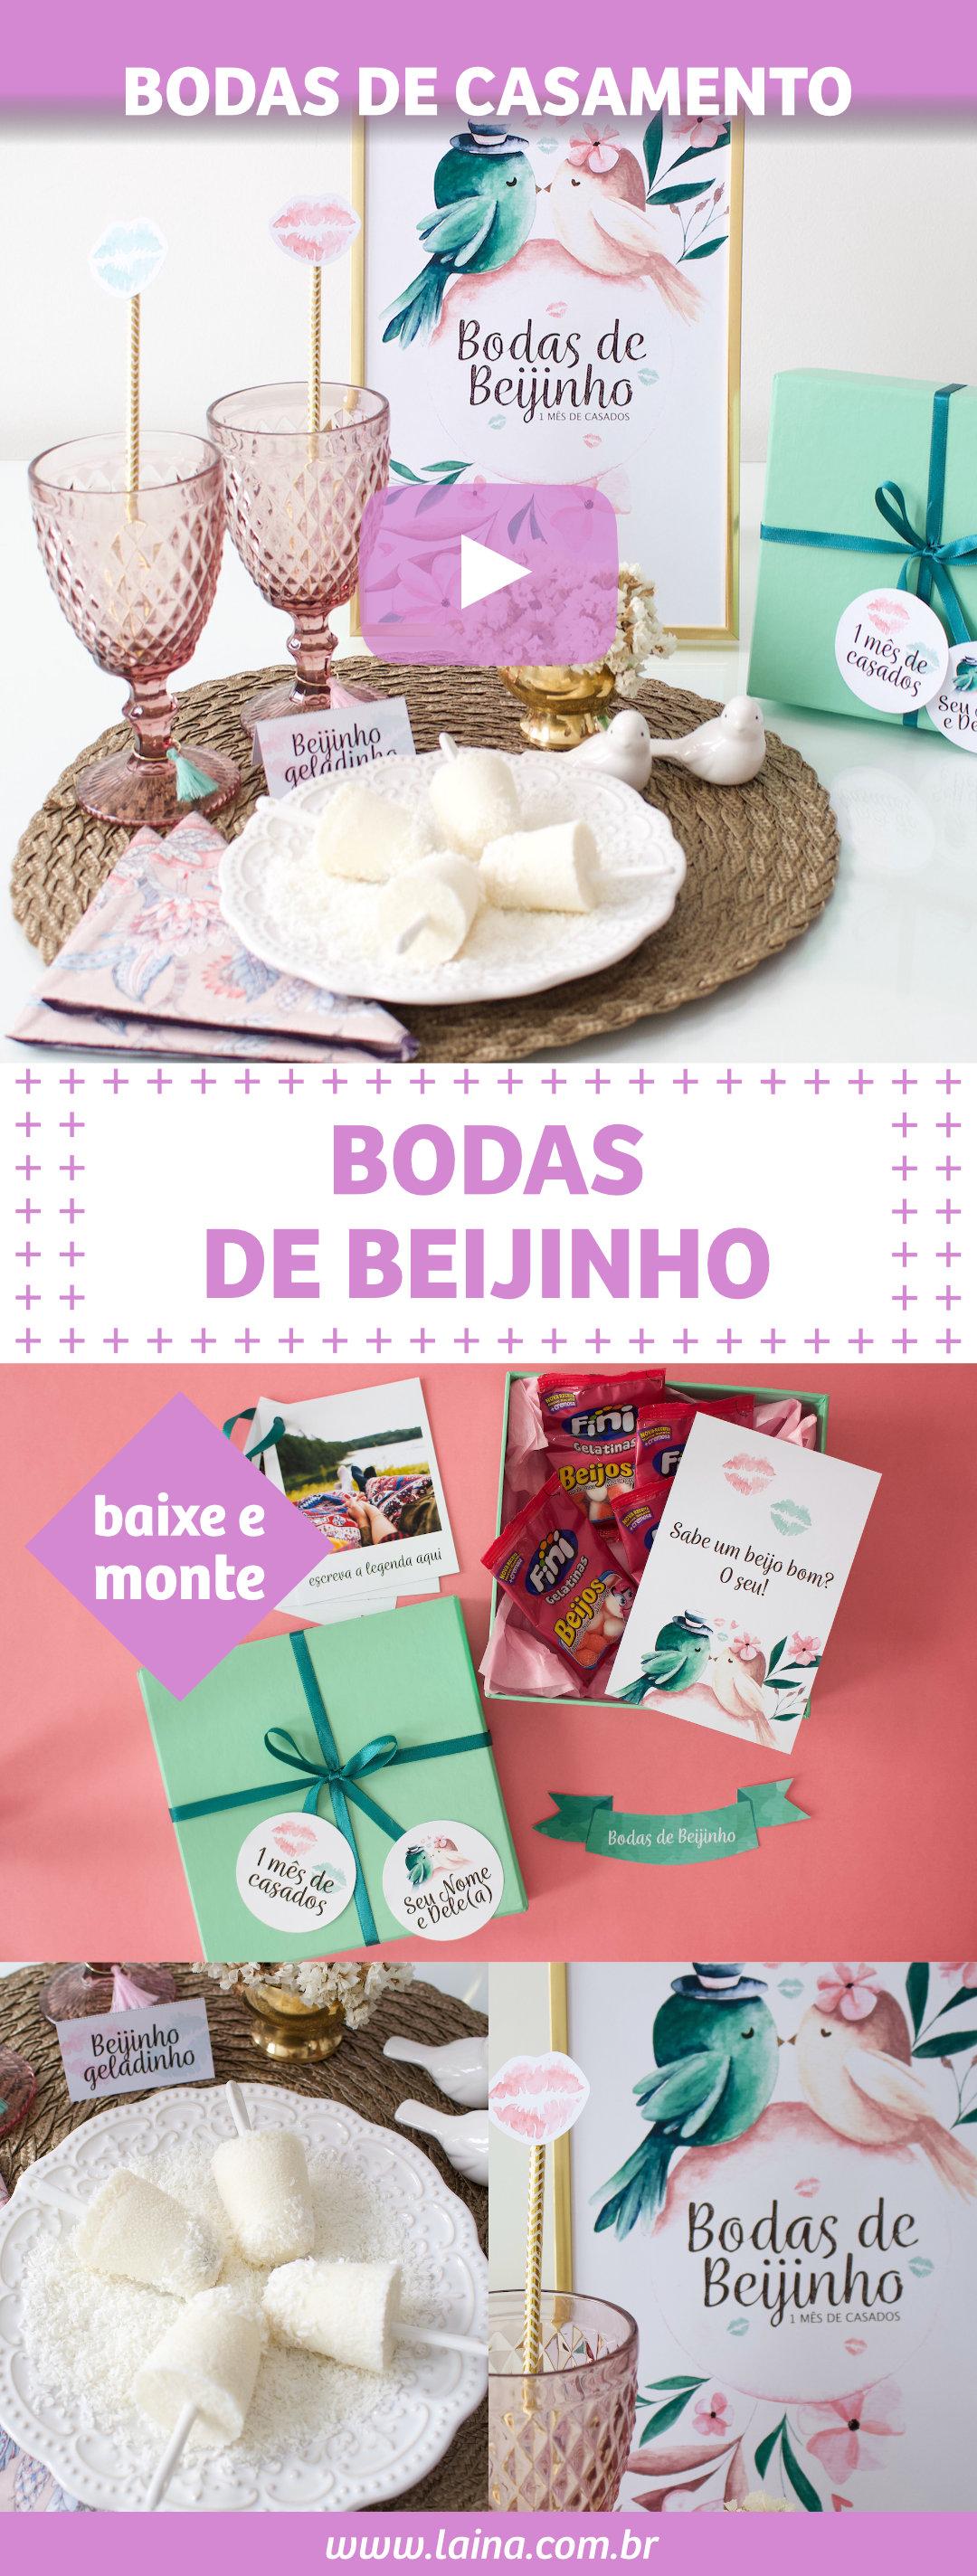 Bodas de Beijinho - surpresa para comemorar o 1° mês de casados